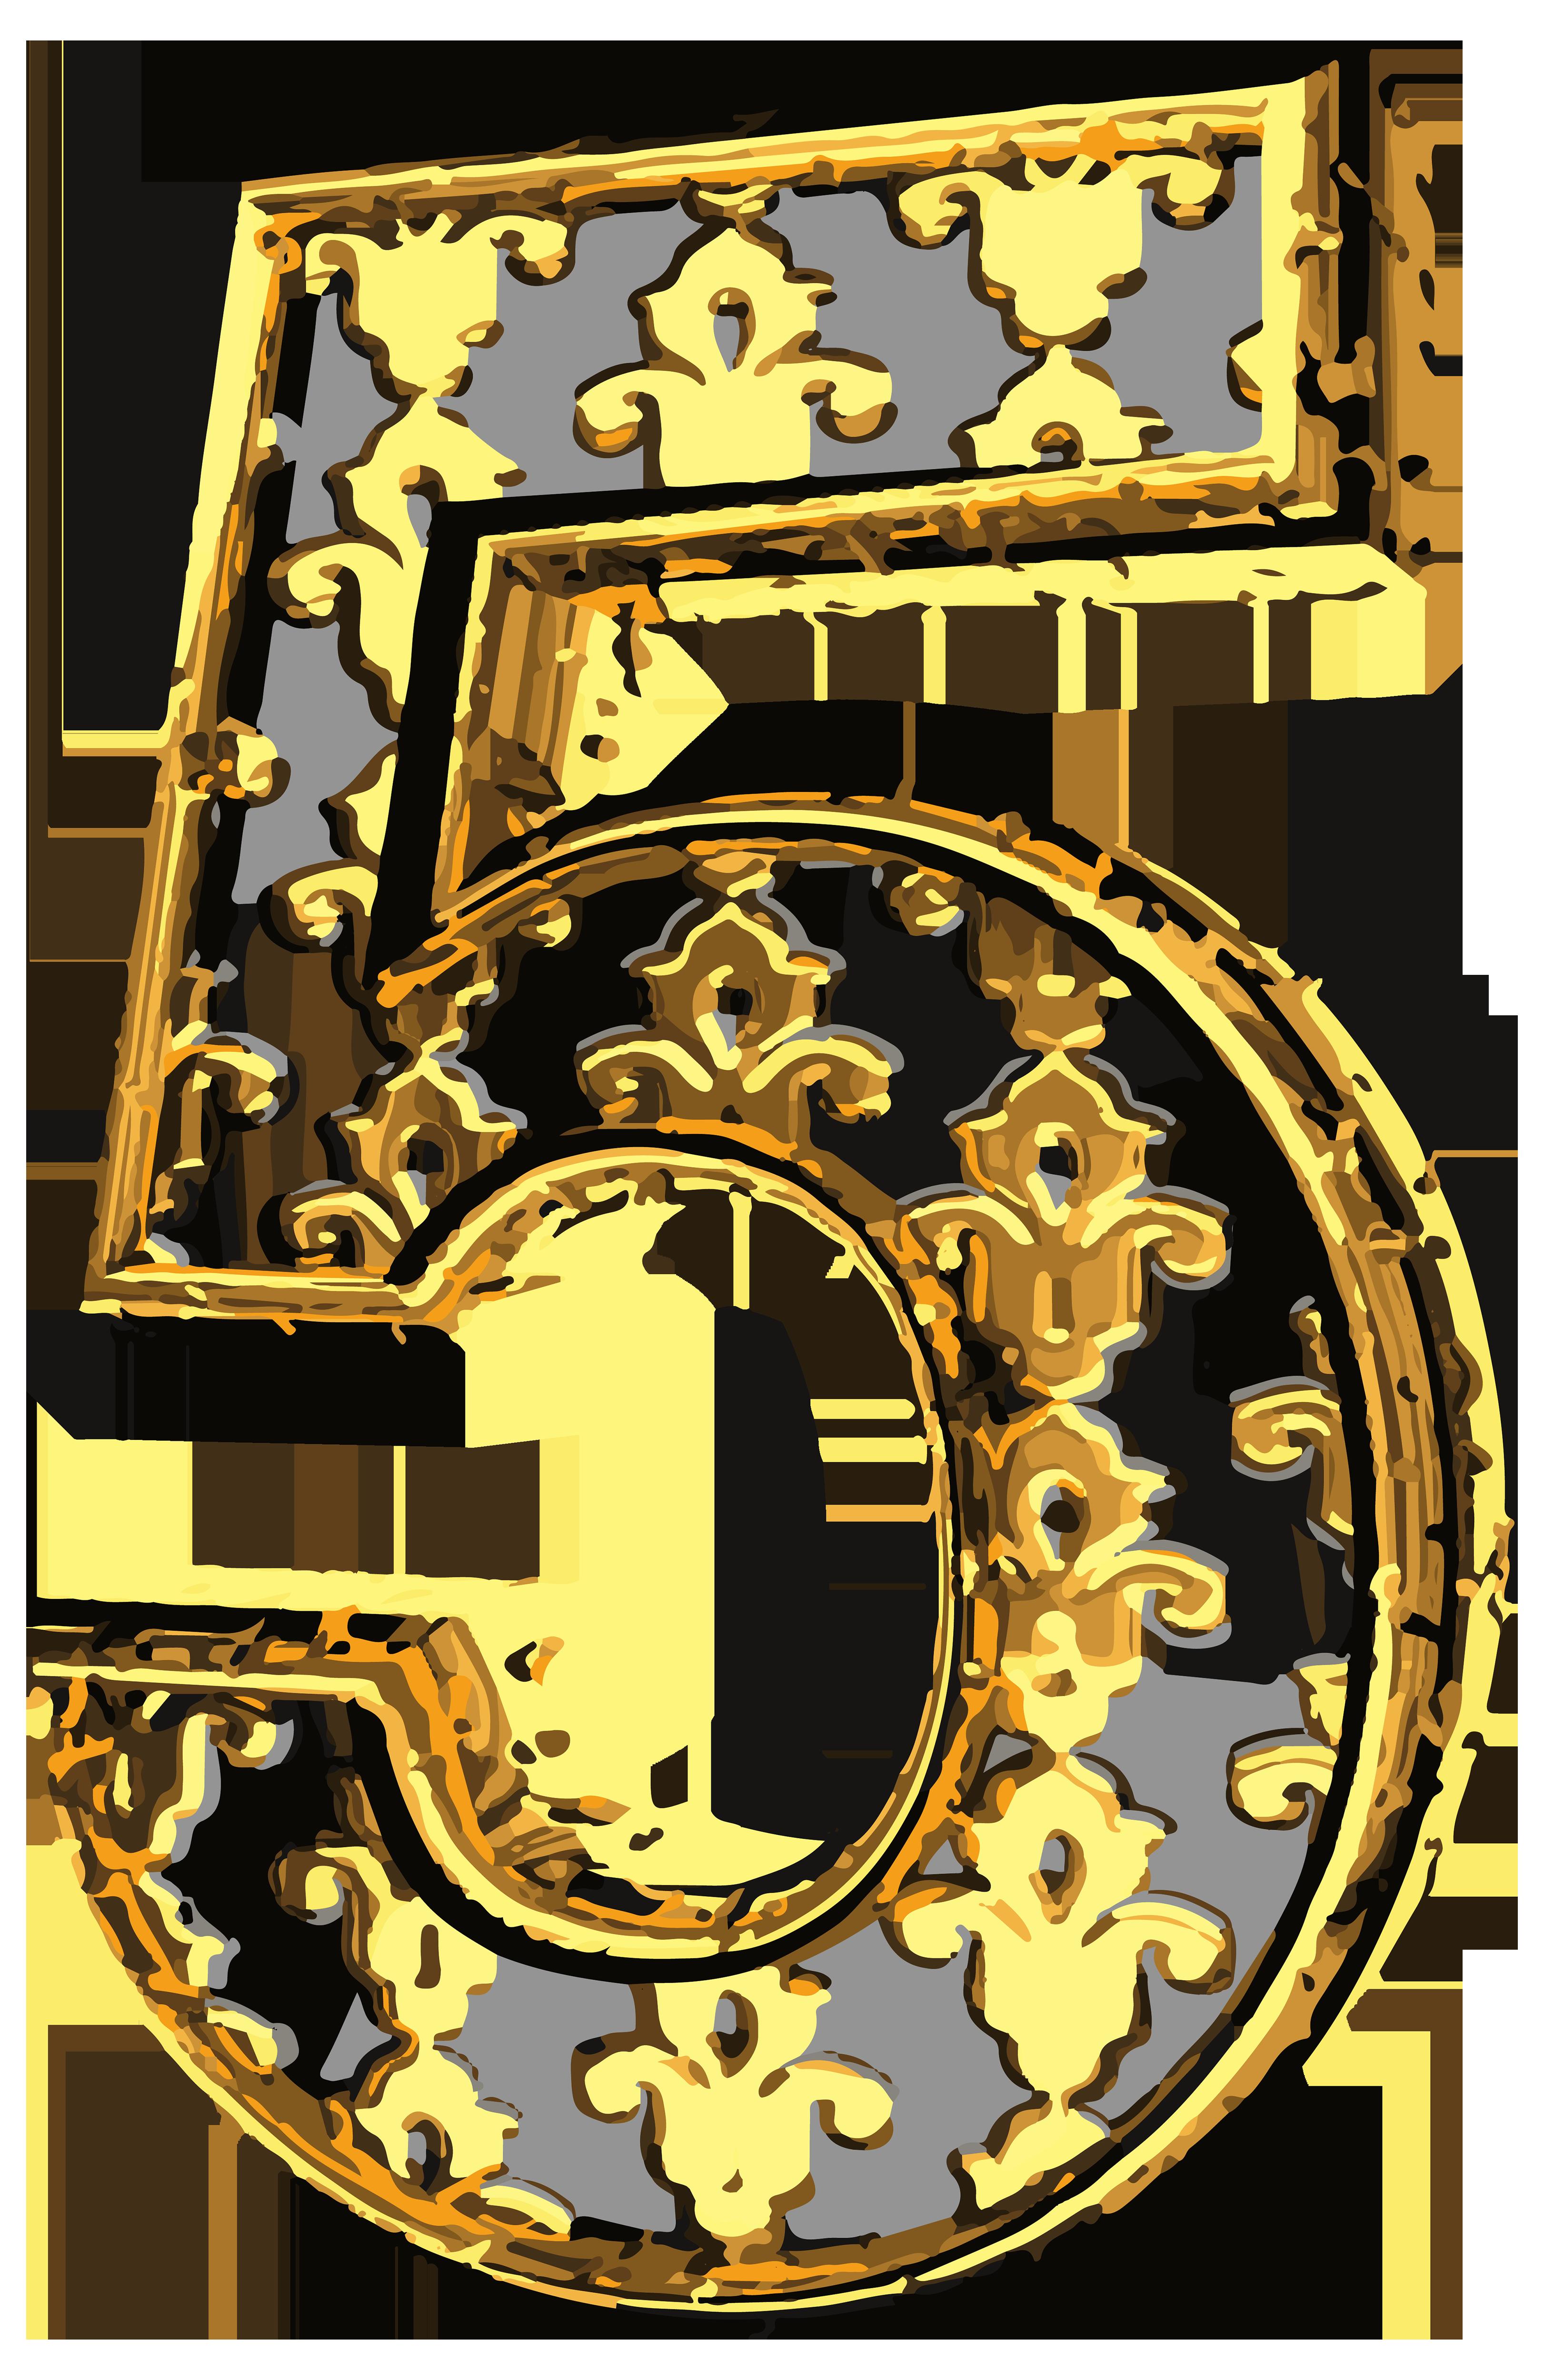 Vintage numbers clipart png royalty free download Elegant Vintage Number Five PNG Clip Art Image | Gallery ... png royalty free download